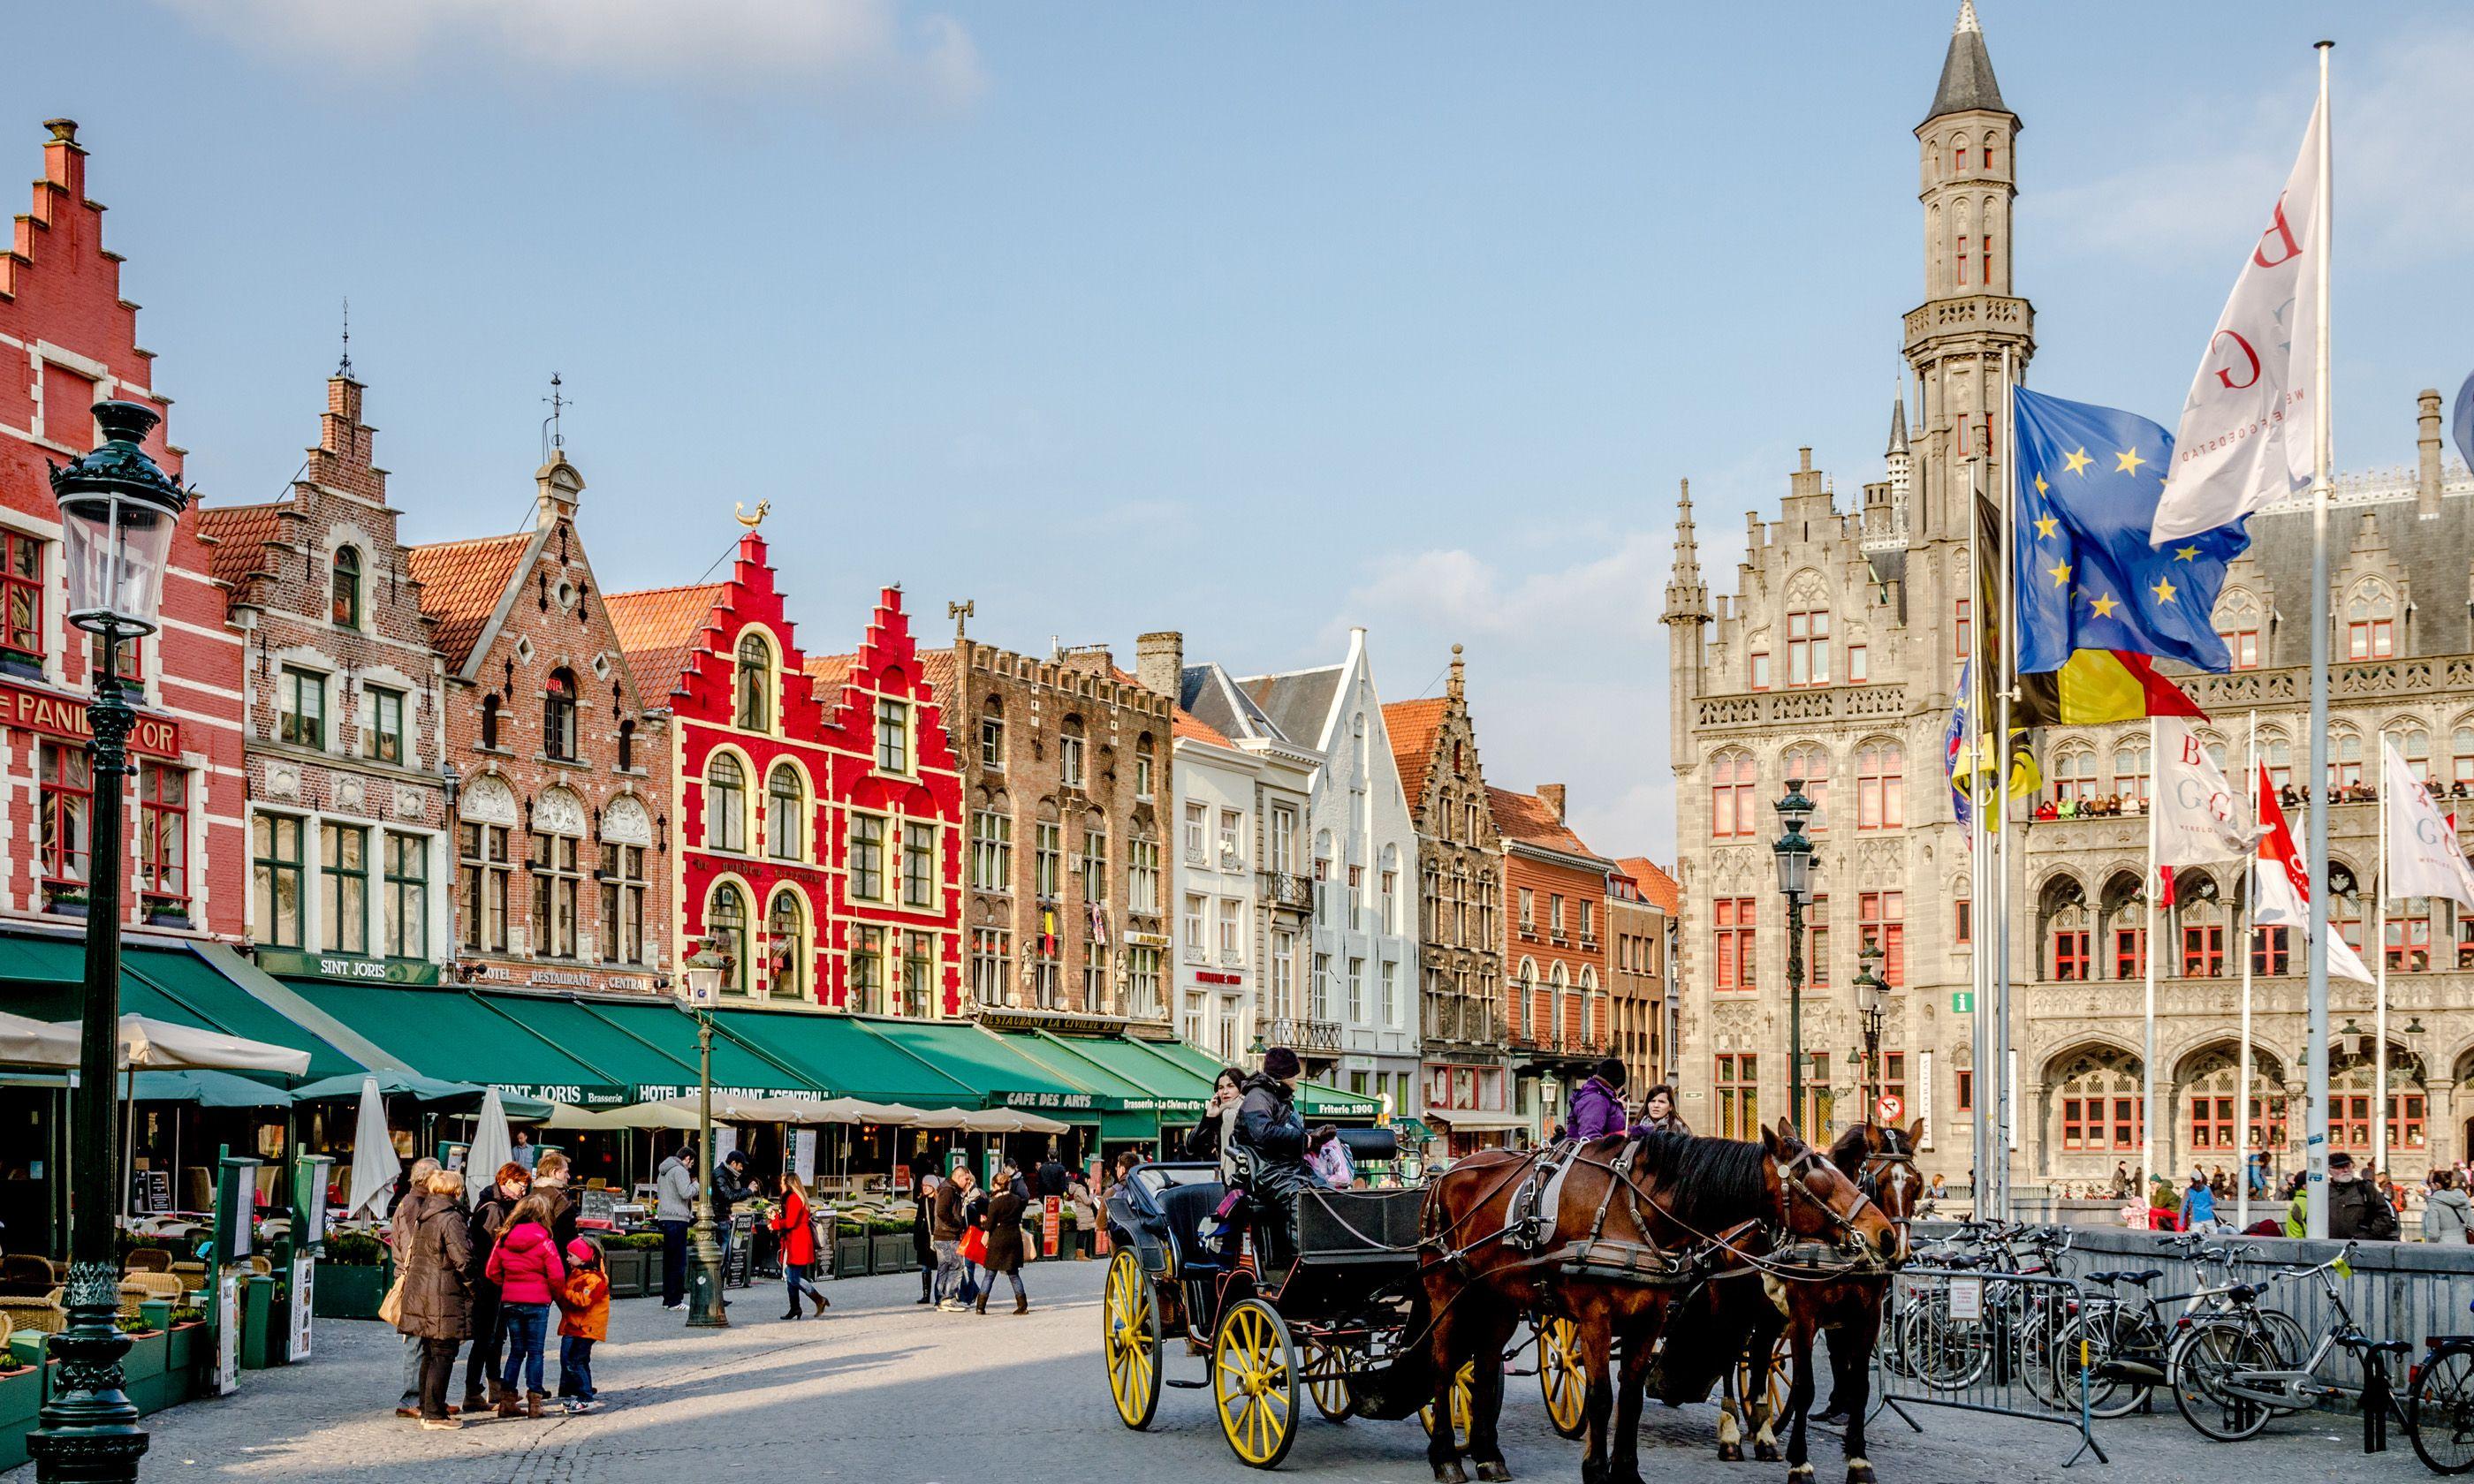 Bruges Square (Shutterstock.com)